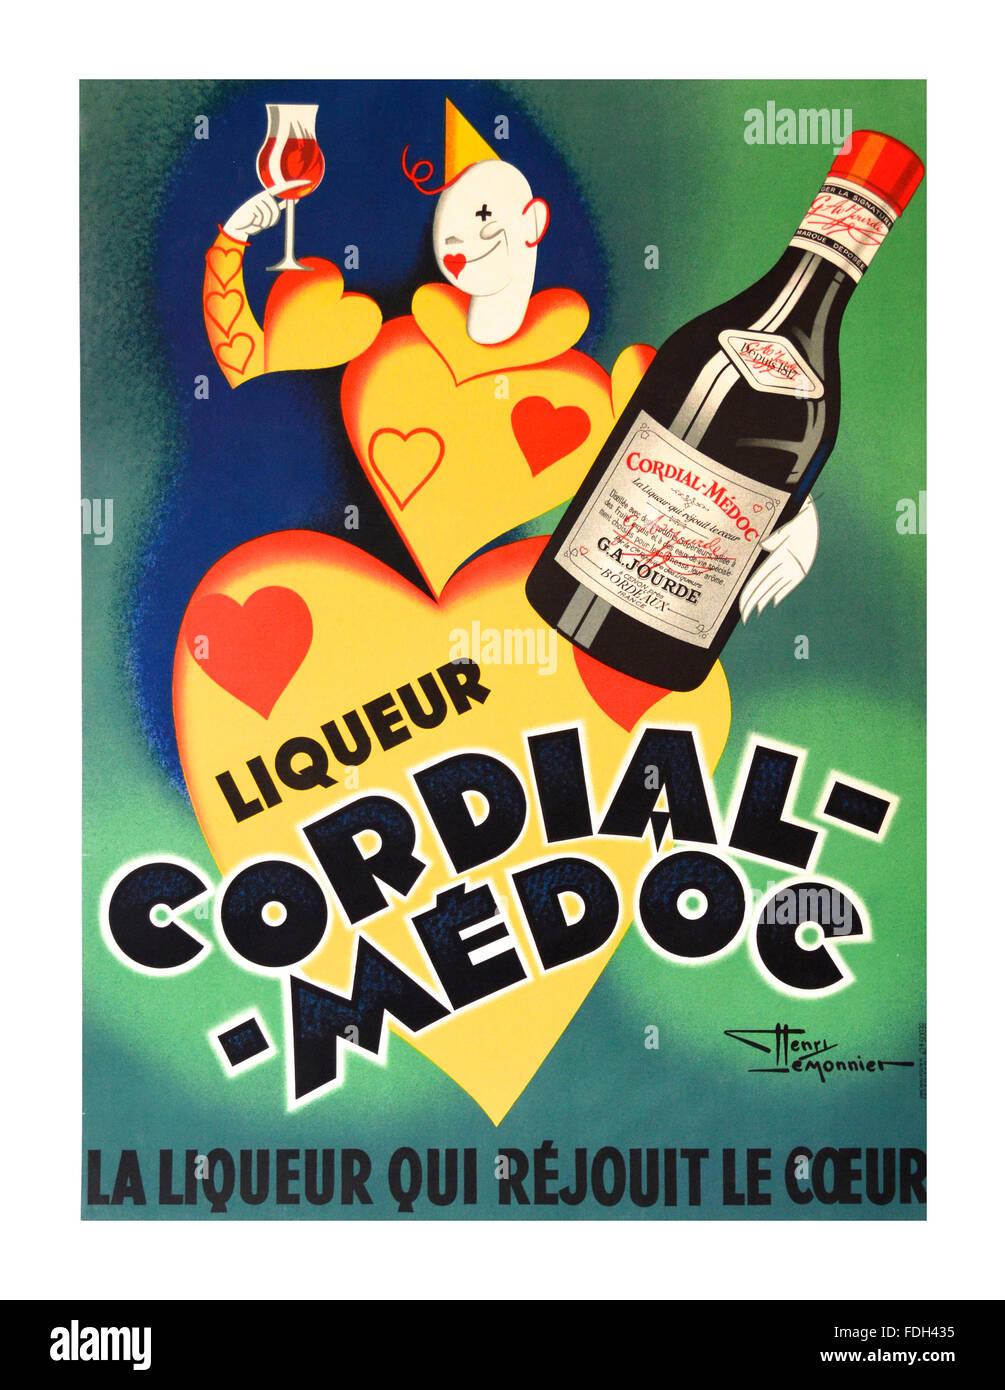 Vintage Retro-französischen Getränke Plakat für Cordial Medoc Likör ...